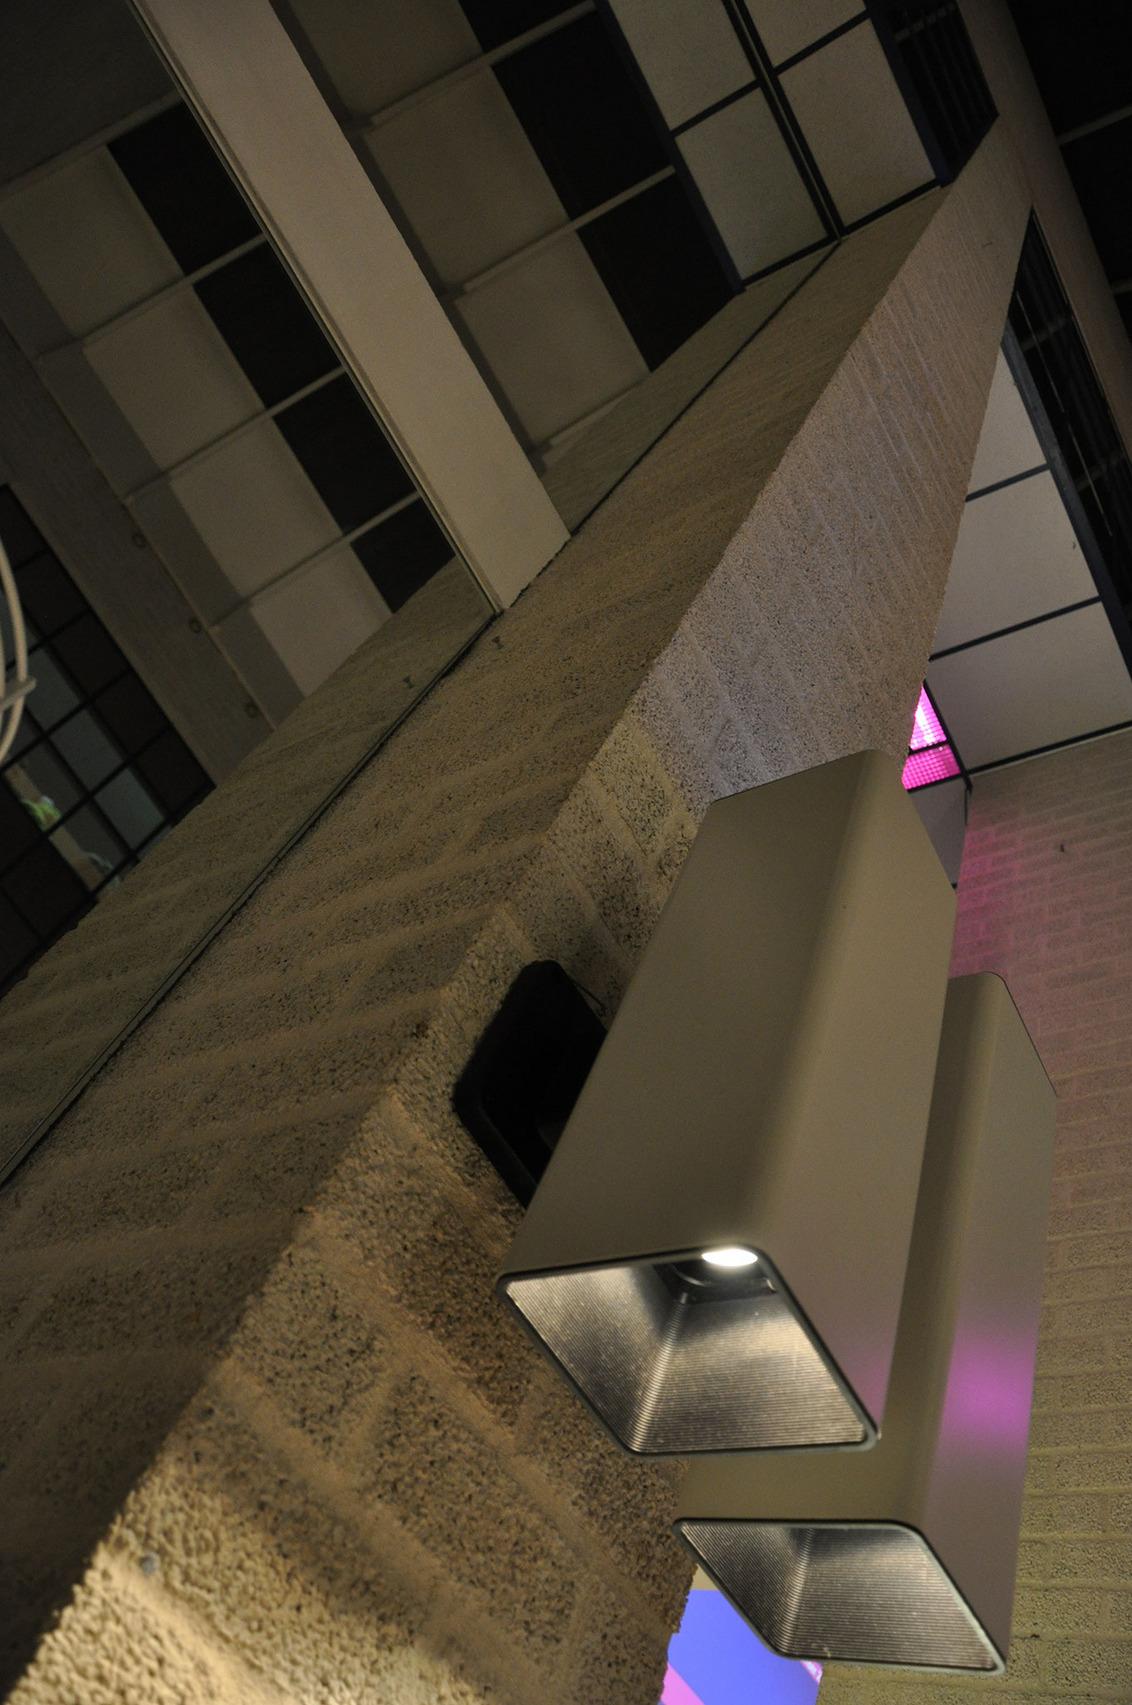 Theater de Kom - Interieur van theater de Kom - foto door antoinevanderhulst op 08-01-2011 - deze foto bevat: nieuwegein